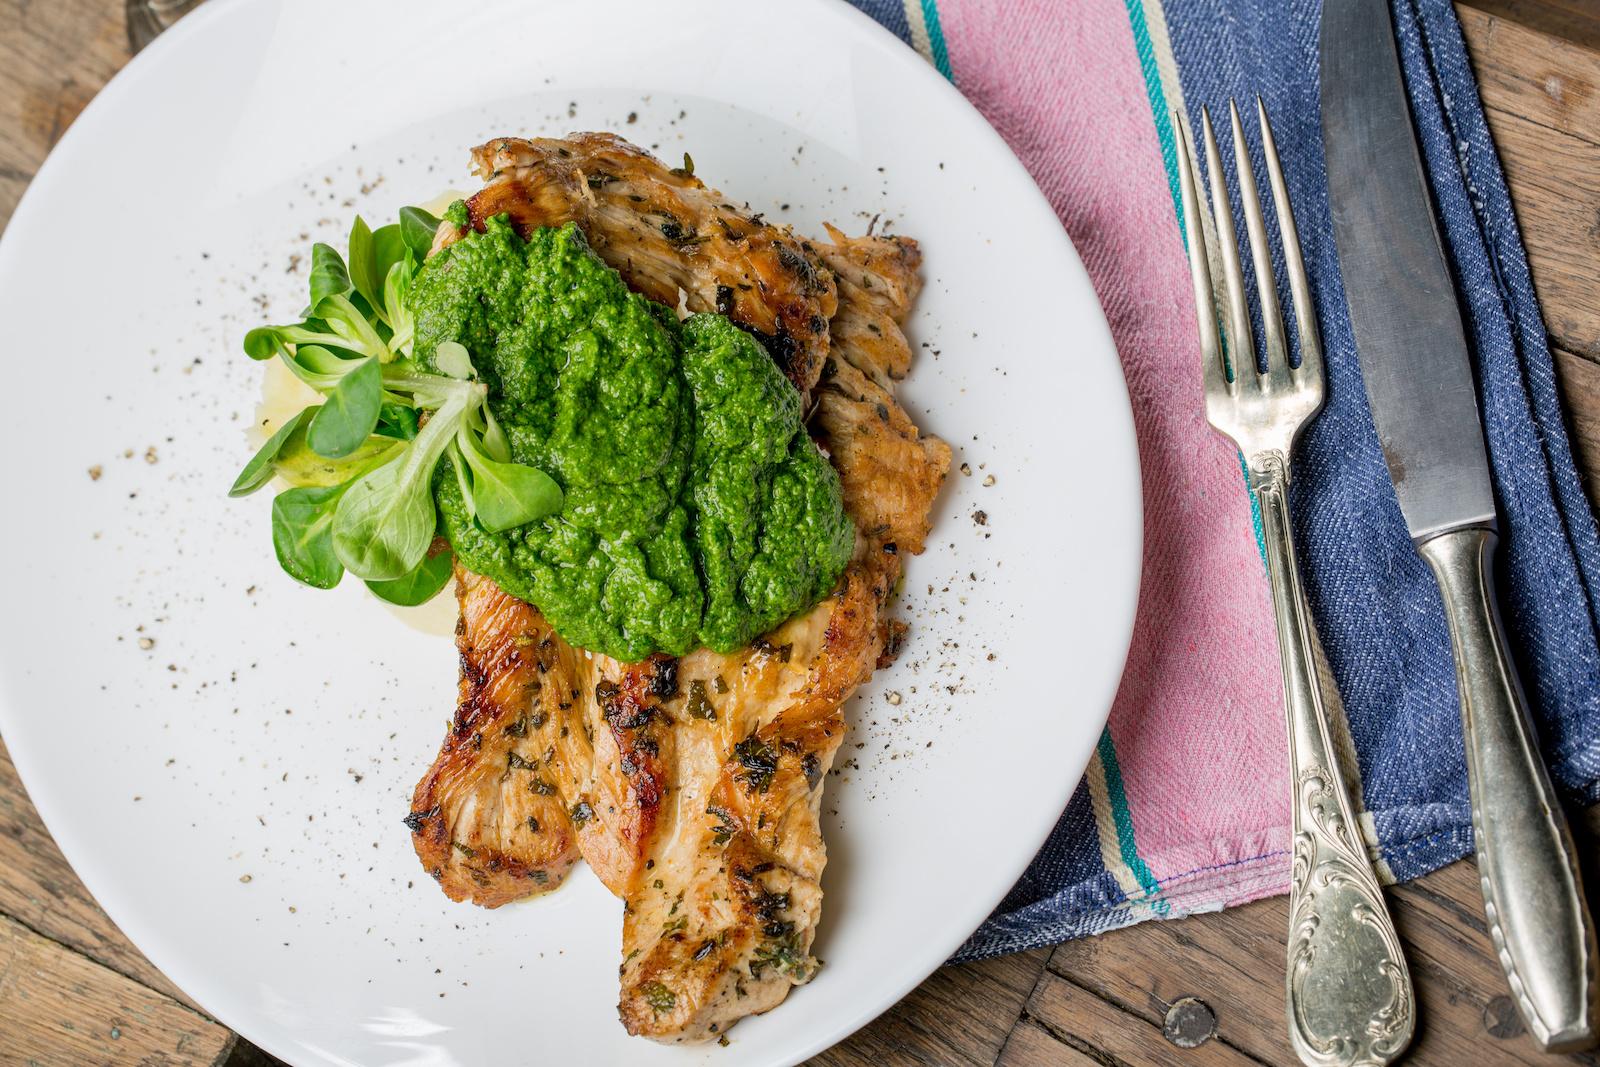 Keto Lunch: Pesto Chicken gegrillt Rezept